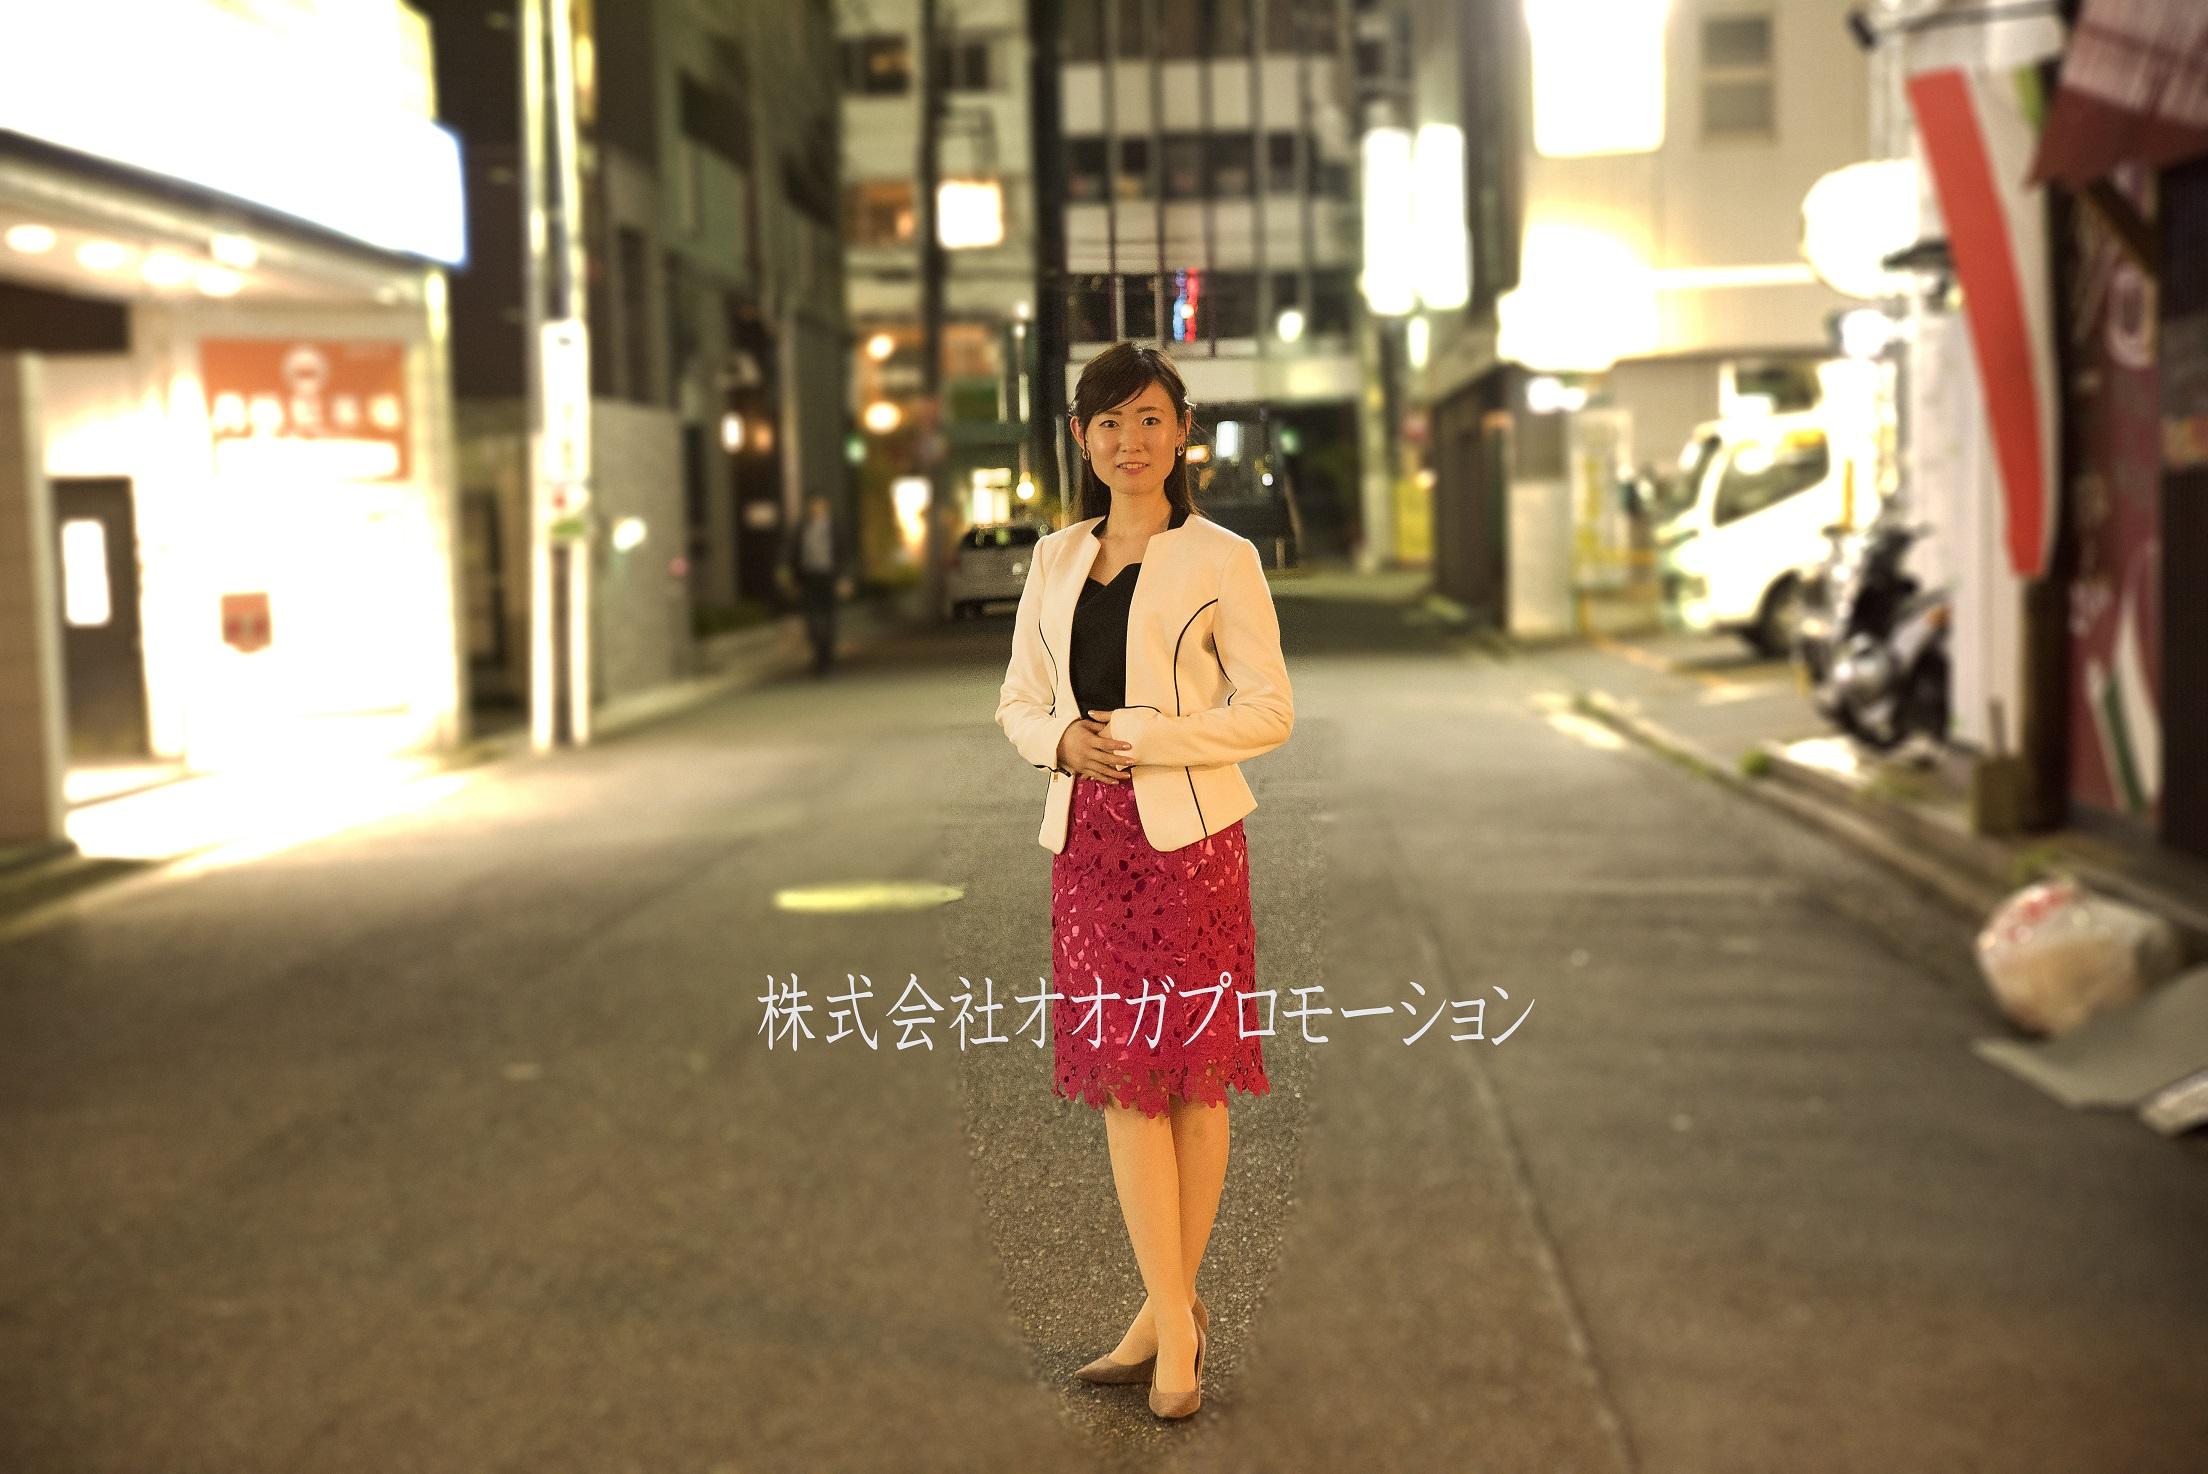 広島支店オープンに伴い、Webデザイナー・営業・モデル・司会者を大募集!